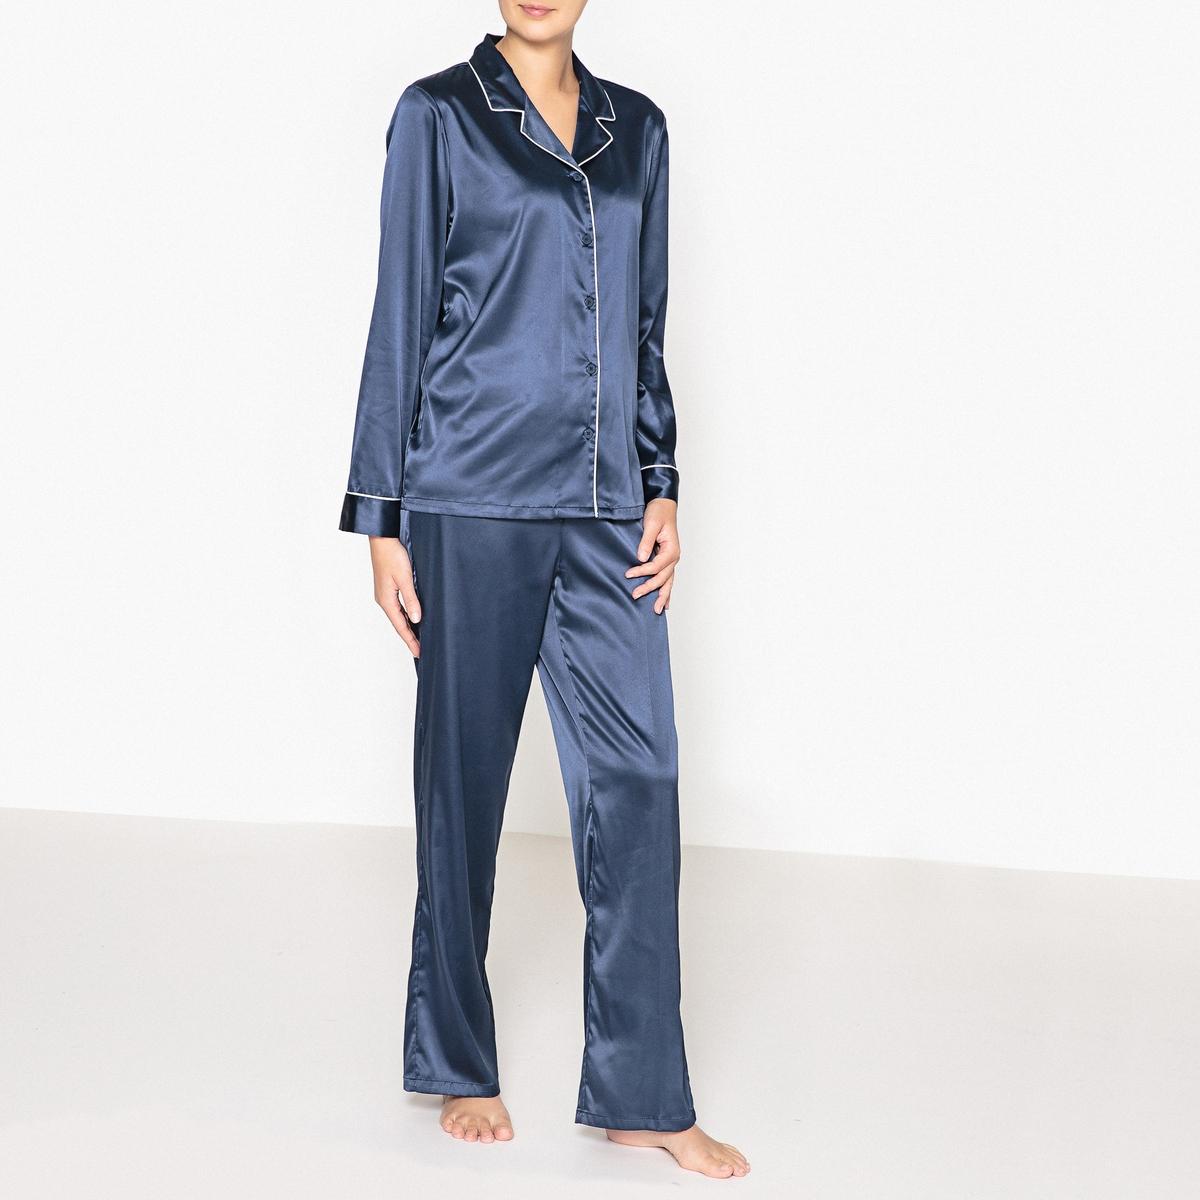 Пижама с рубашкой, из сатинаПижама с рубашкой, из сатина, Louise Marnay.Однотонная пижама из 2 предметов с контрастным кантом, винтажный стиль, прямой покрой. Верх: рубашечный воротник, застежка на пуговицы, длинные рукава. Брюки с эластичным поясом на завязках. Состав и описание : Материал : 96% полиэстера, 4% эластанаДлина :Верх: 68 смПо внутр.шву : 76 смМарка : Louise Marnay.Уход:Машинная стирка при 30 °С на деликатном режиме с вещами схожих цветов.Стирать и гладить при низкой температуре с изнаночной стороны.Машинная сушка запрещена.<br><br>Цвет: синий морской<br>Размер: 50 (FR) - 56 (RUS).40 (FR) - 46 (RUS)